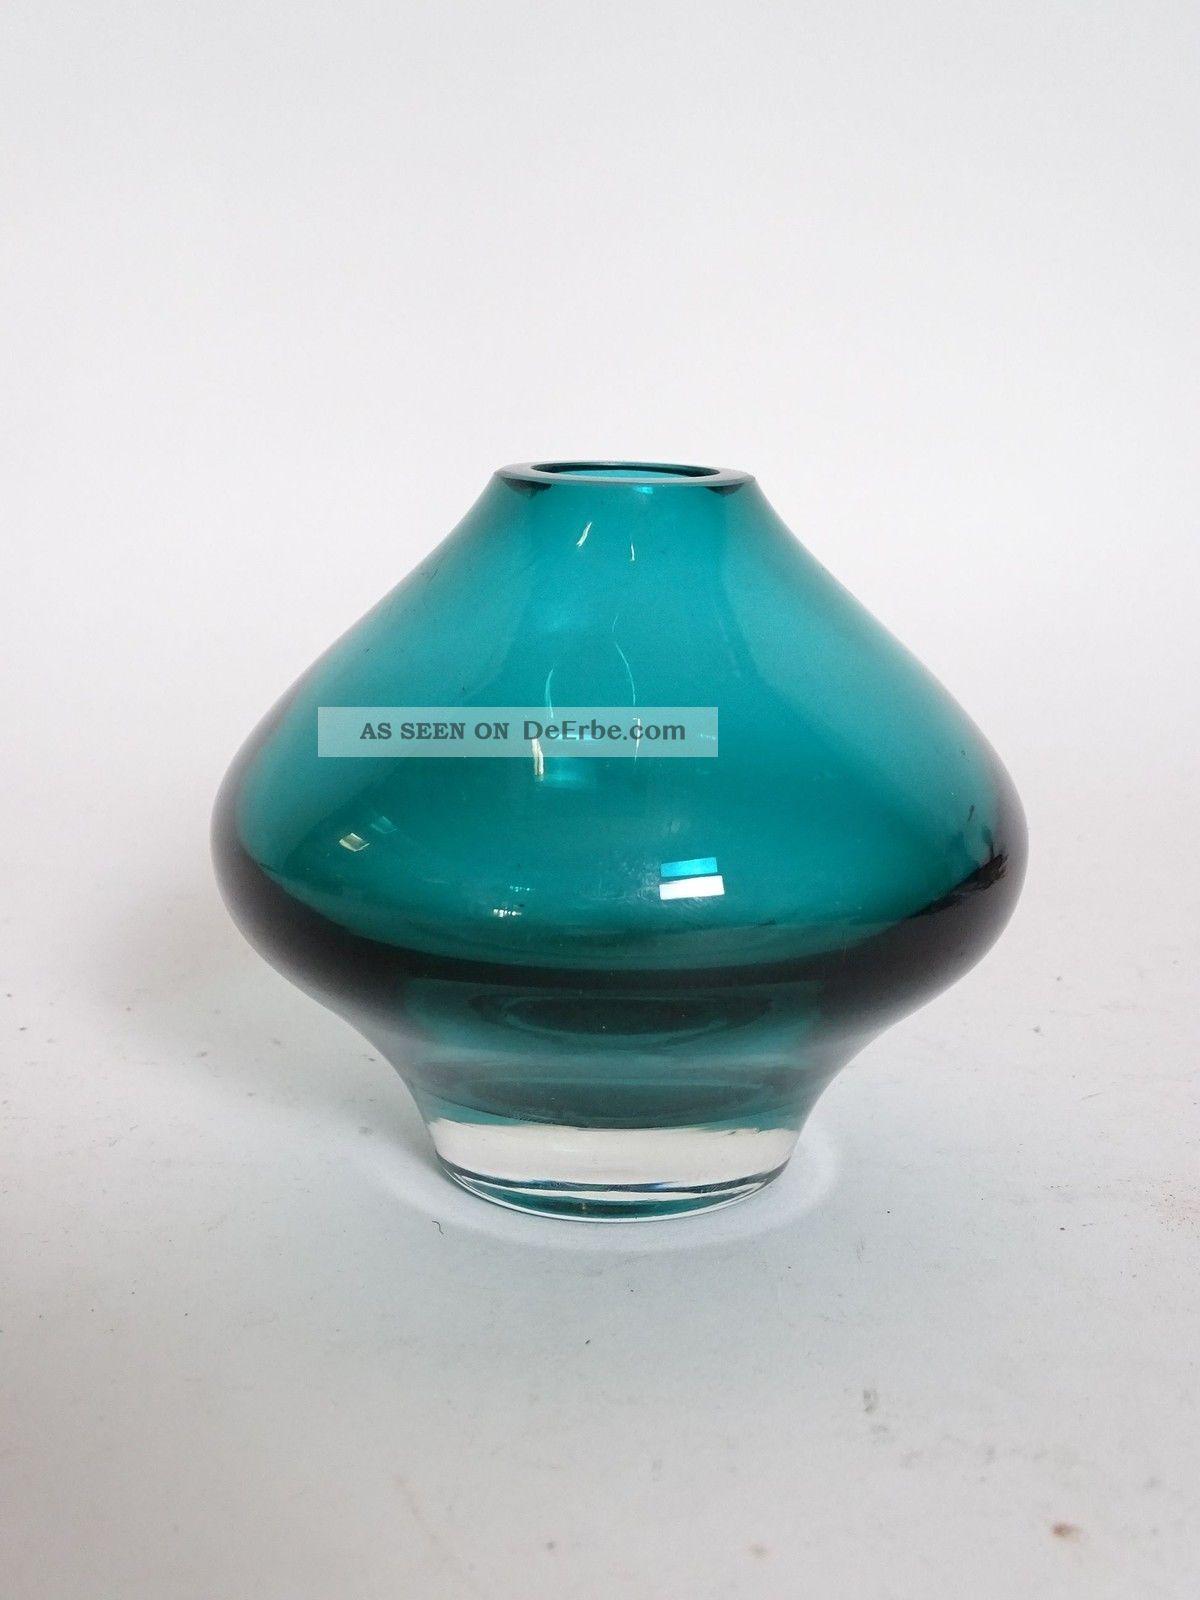 Lasi Oy Riihimäen Finnland Suomi Design Glasvase Nummer 1437 Überfang Grün Sammlerglas Bild